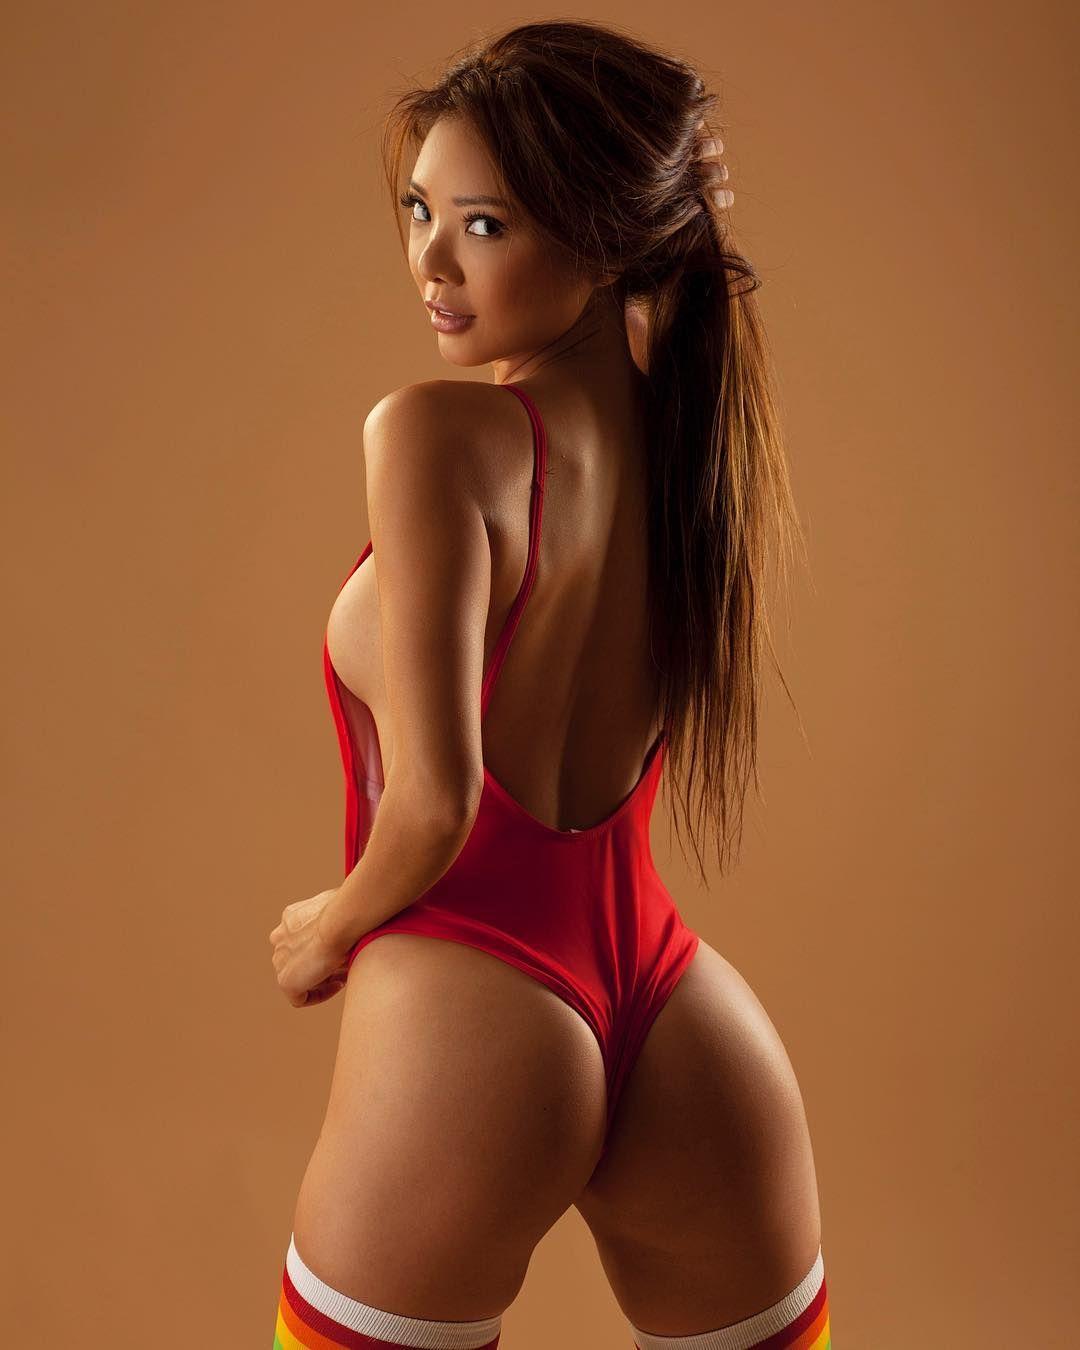 Sexy Billeder asiatiske pige Ayumi Anime Hot Billed Galleri-6392